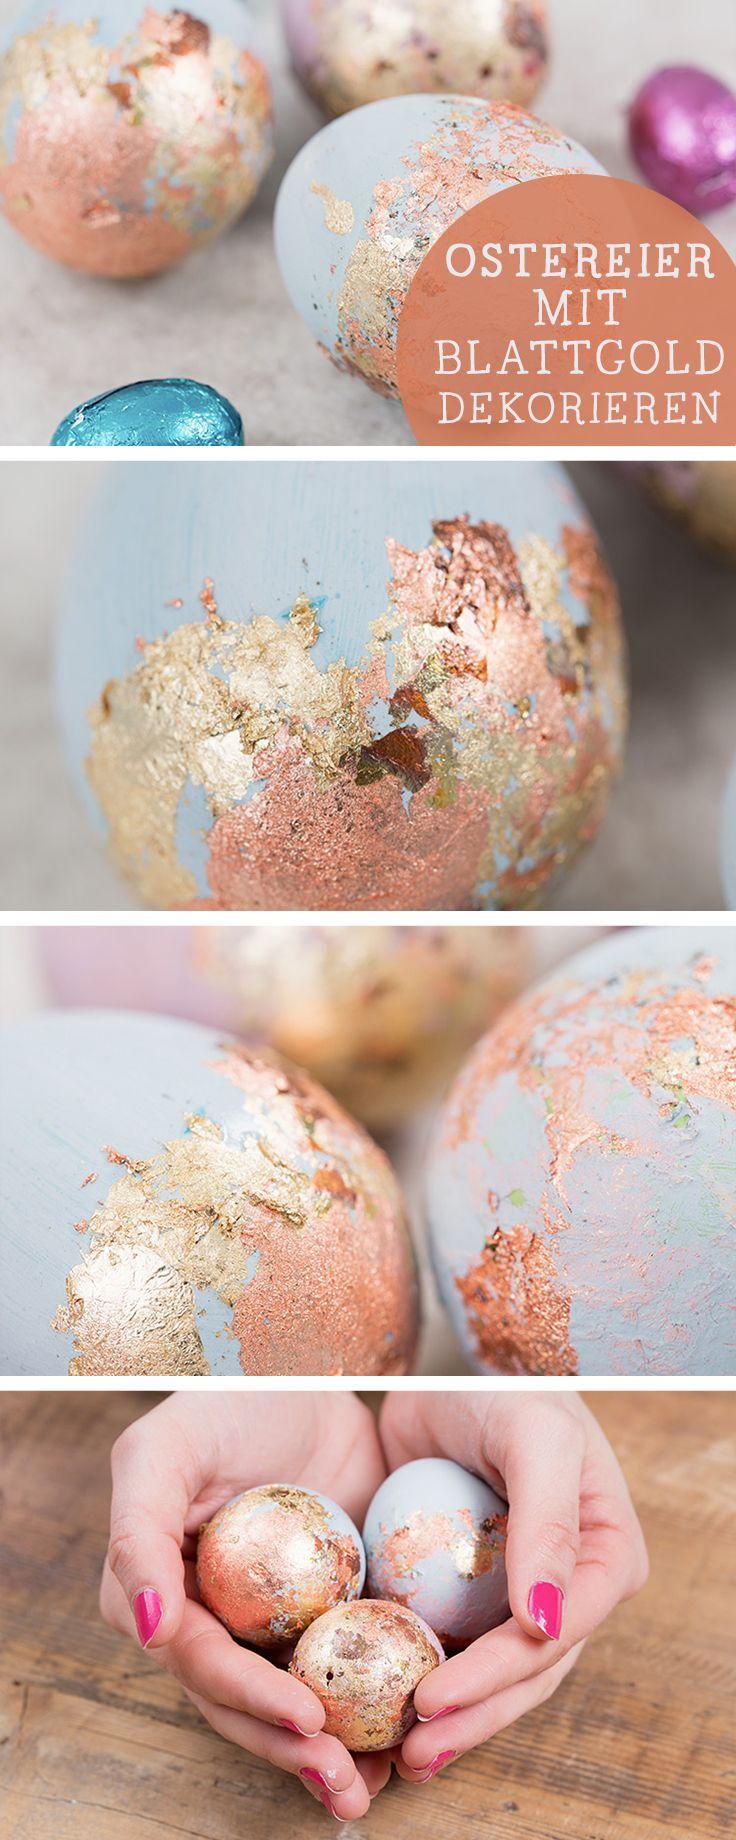 DIY-Anleitung: Ostereier mit Blattgold verzieren, luxuriöse edle Osterdeko / fancy easter decoration: use gold foil to decorate easter eggs via DaWanda.com